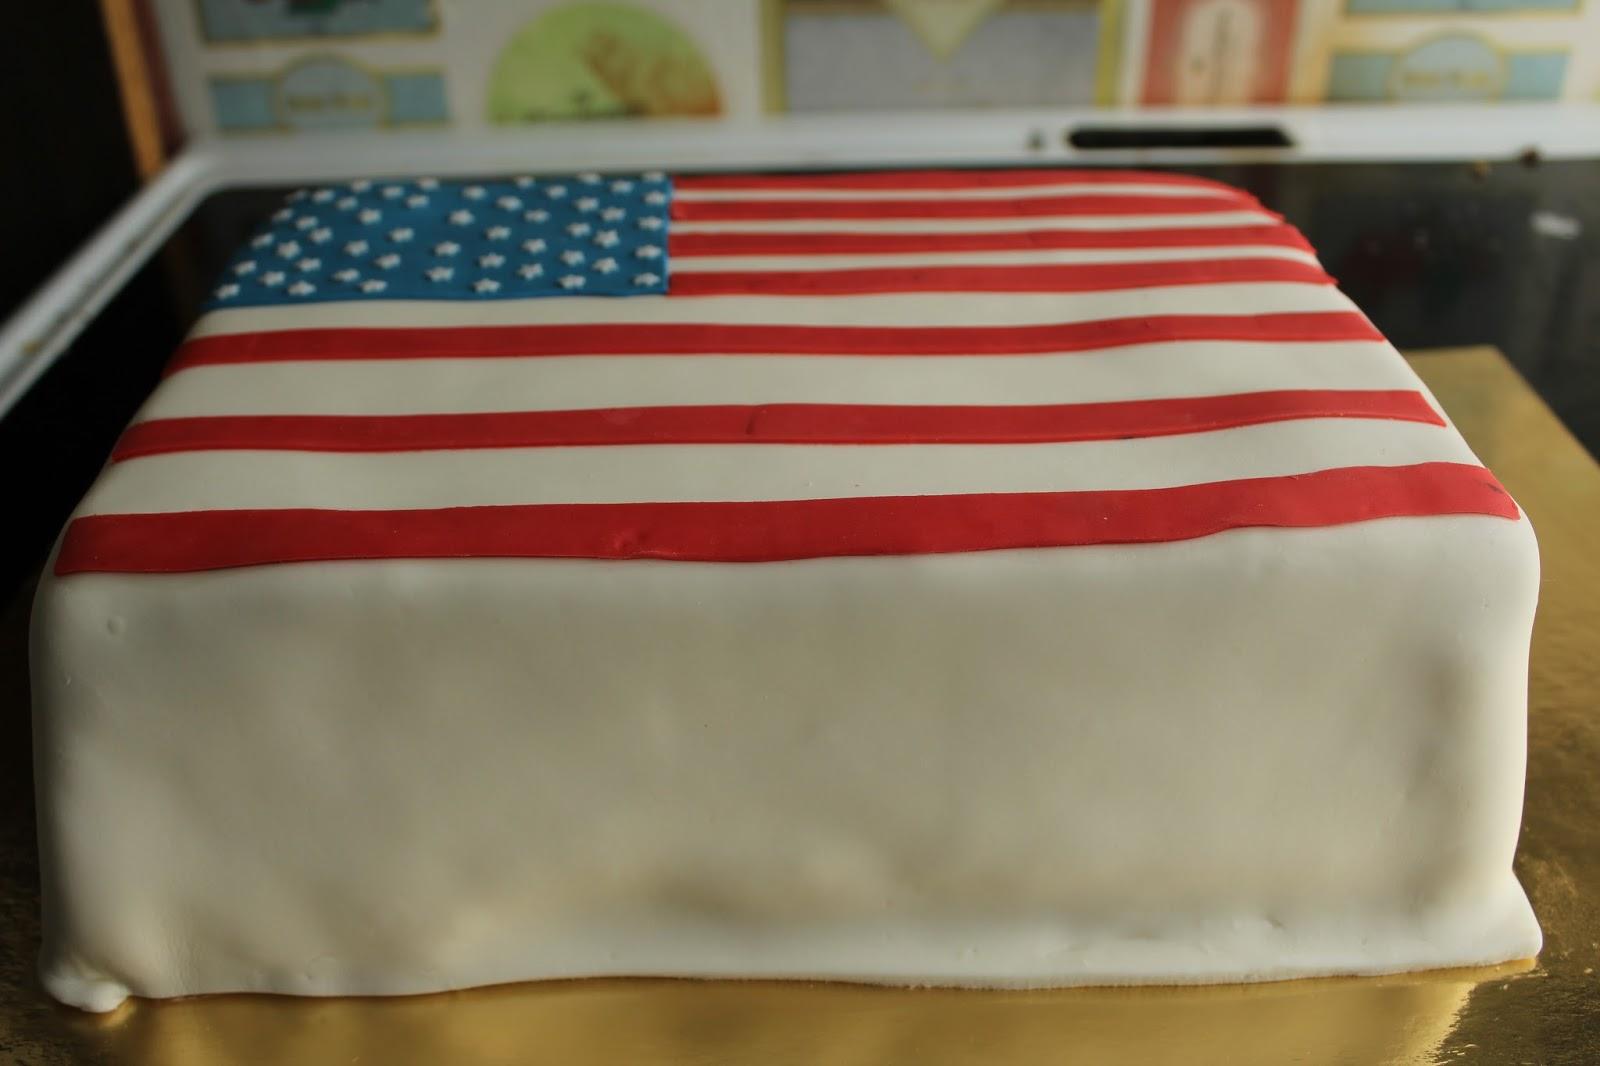 Hobbyholken  USA flagga 3e7a128fd08ce